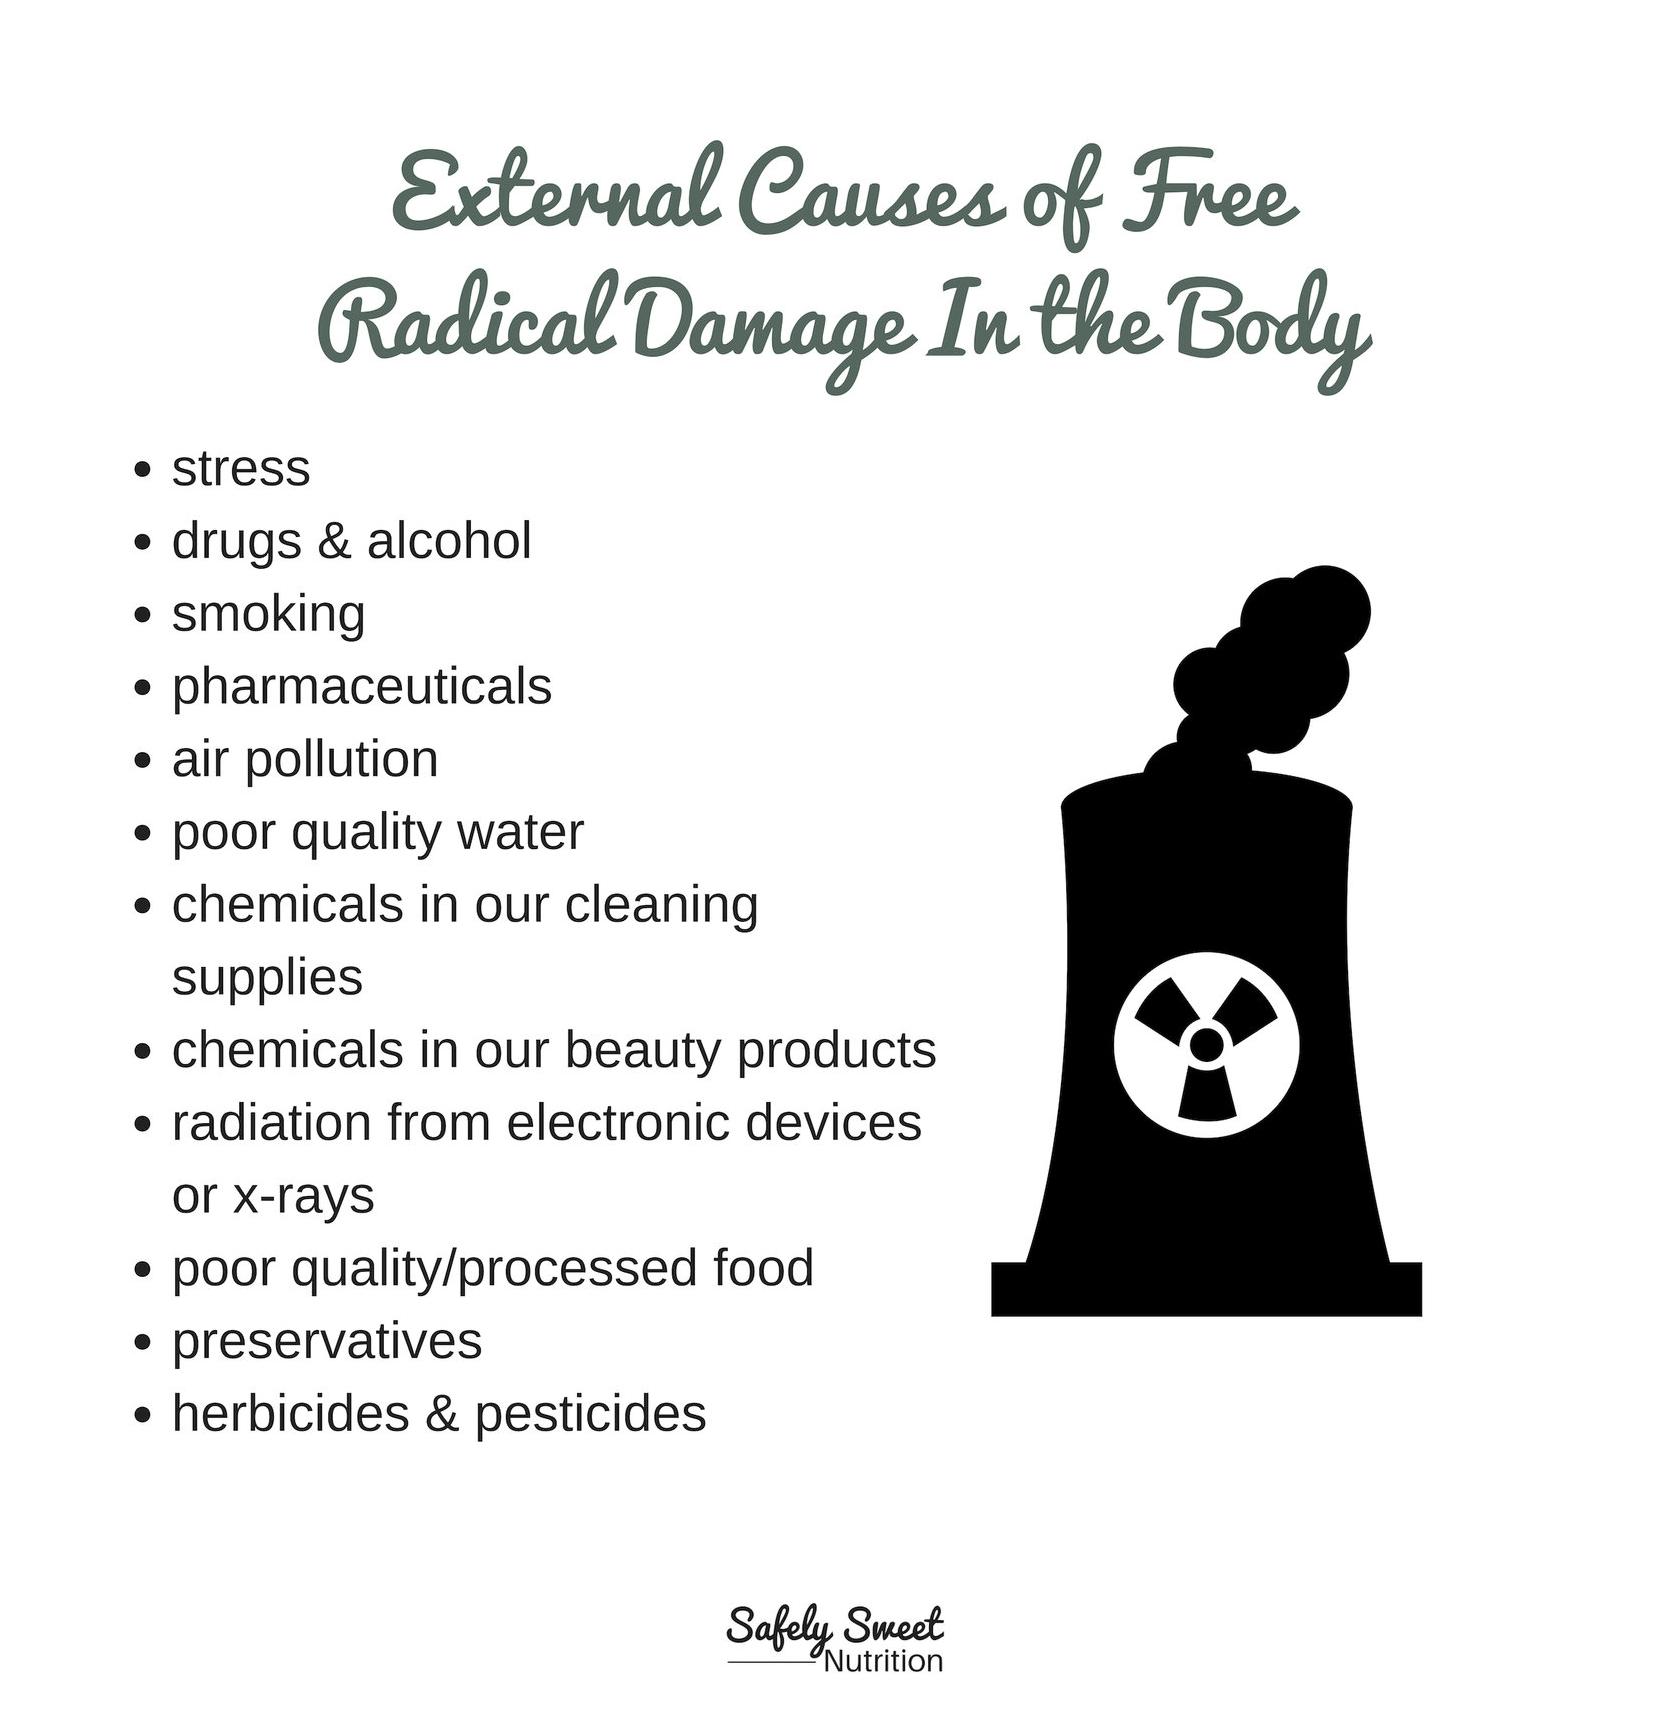 Free Radical Damage